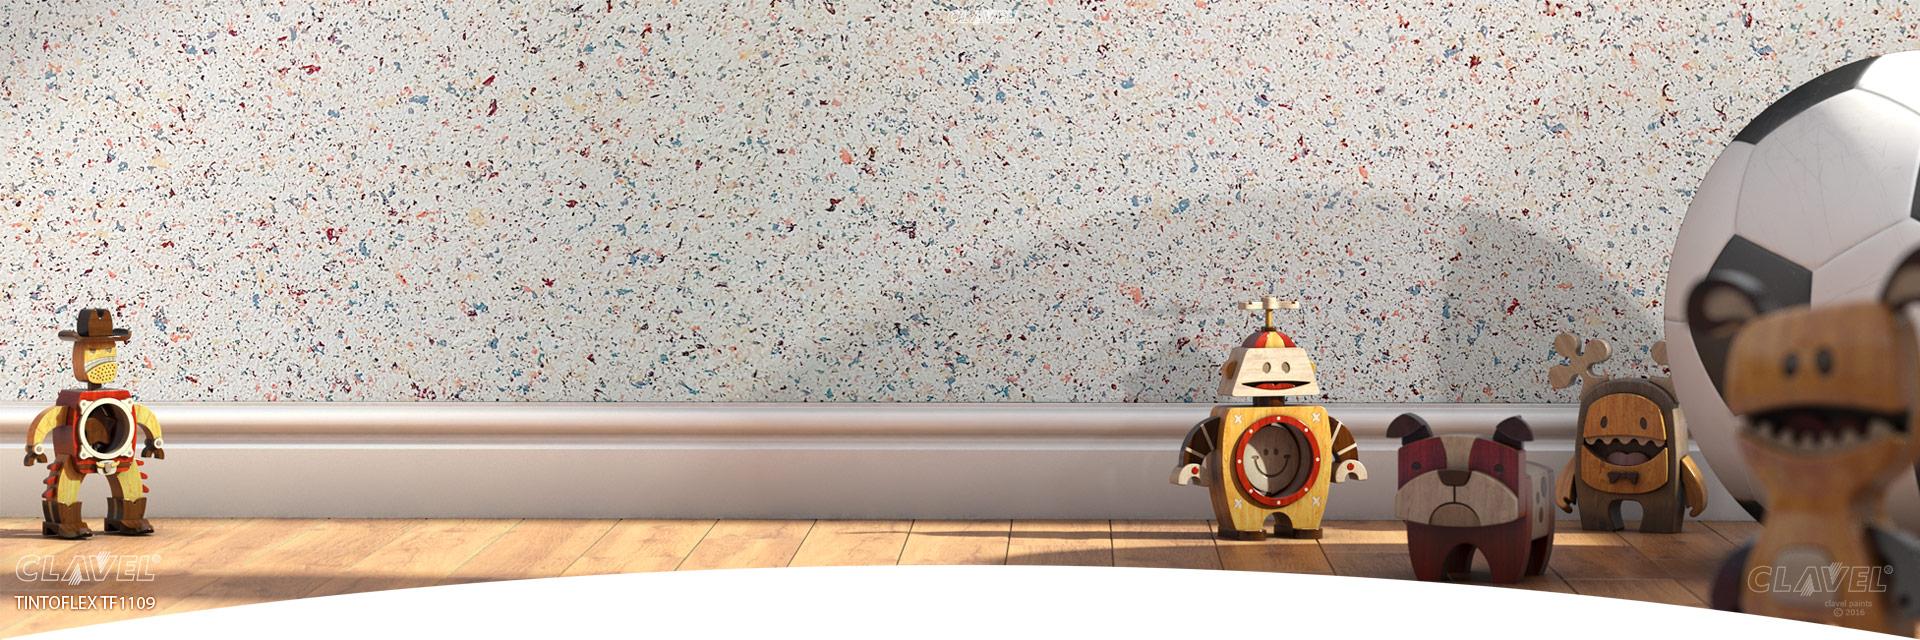 Мозаичные краски - гранитные стены из банки